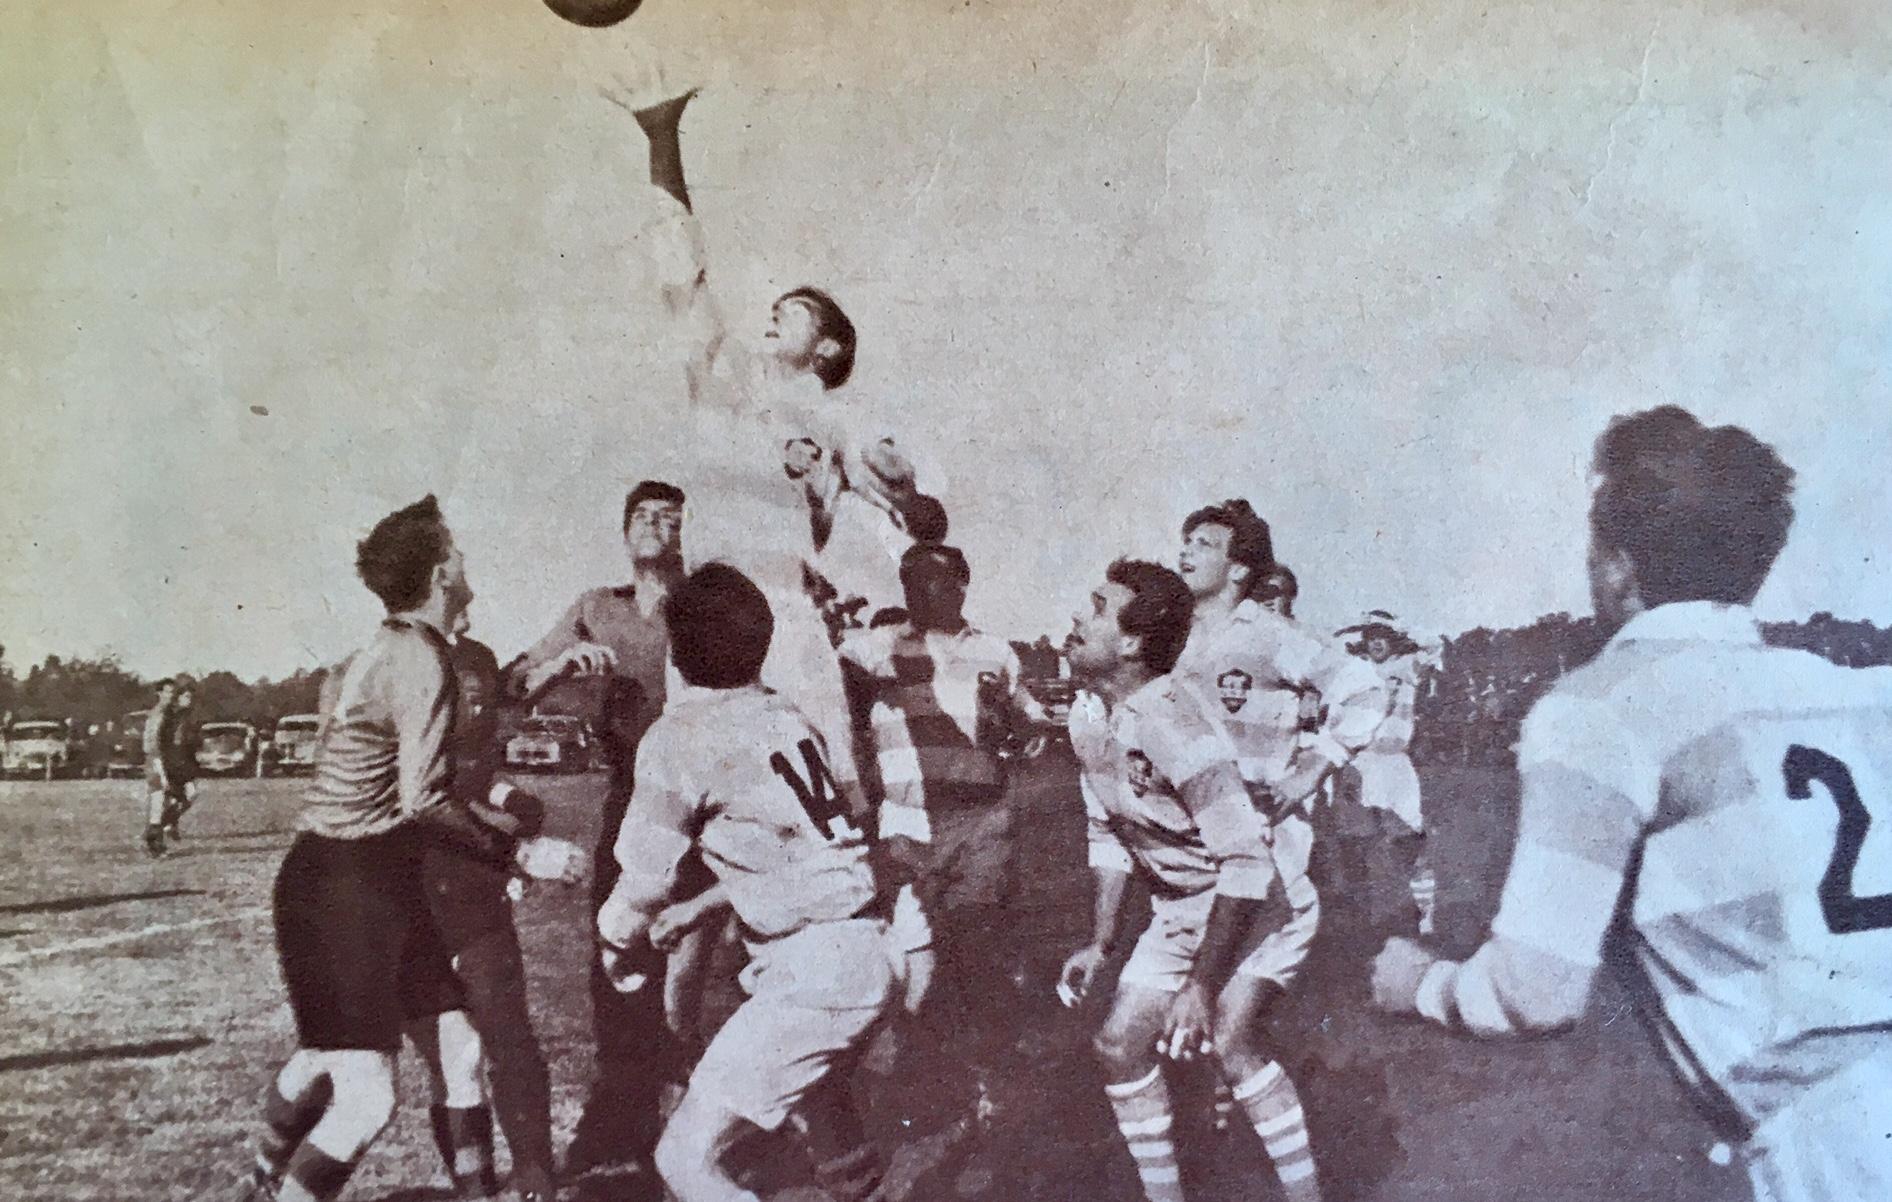 1961 - El rugby se traslada a Montevideo